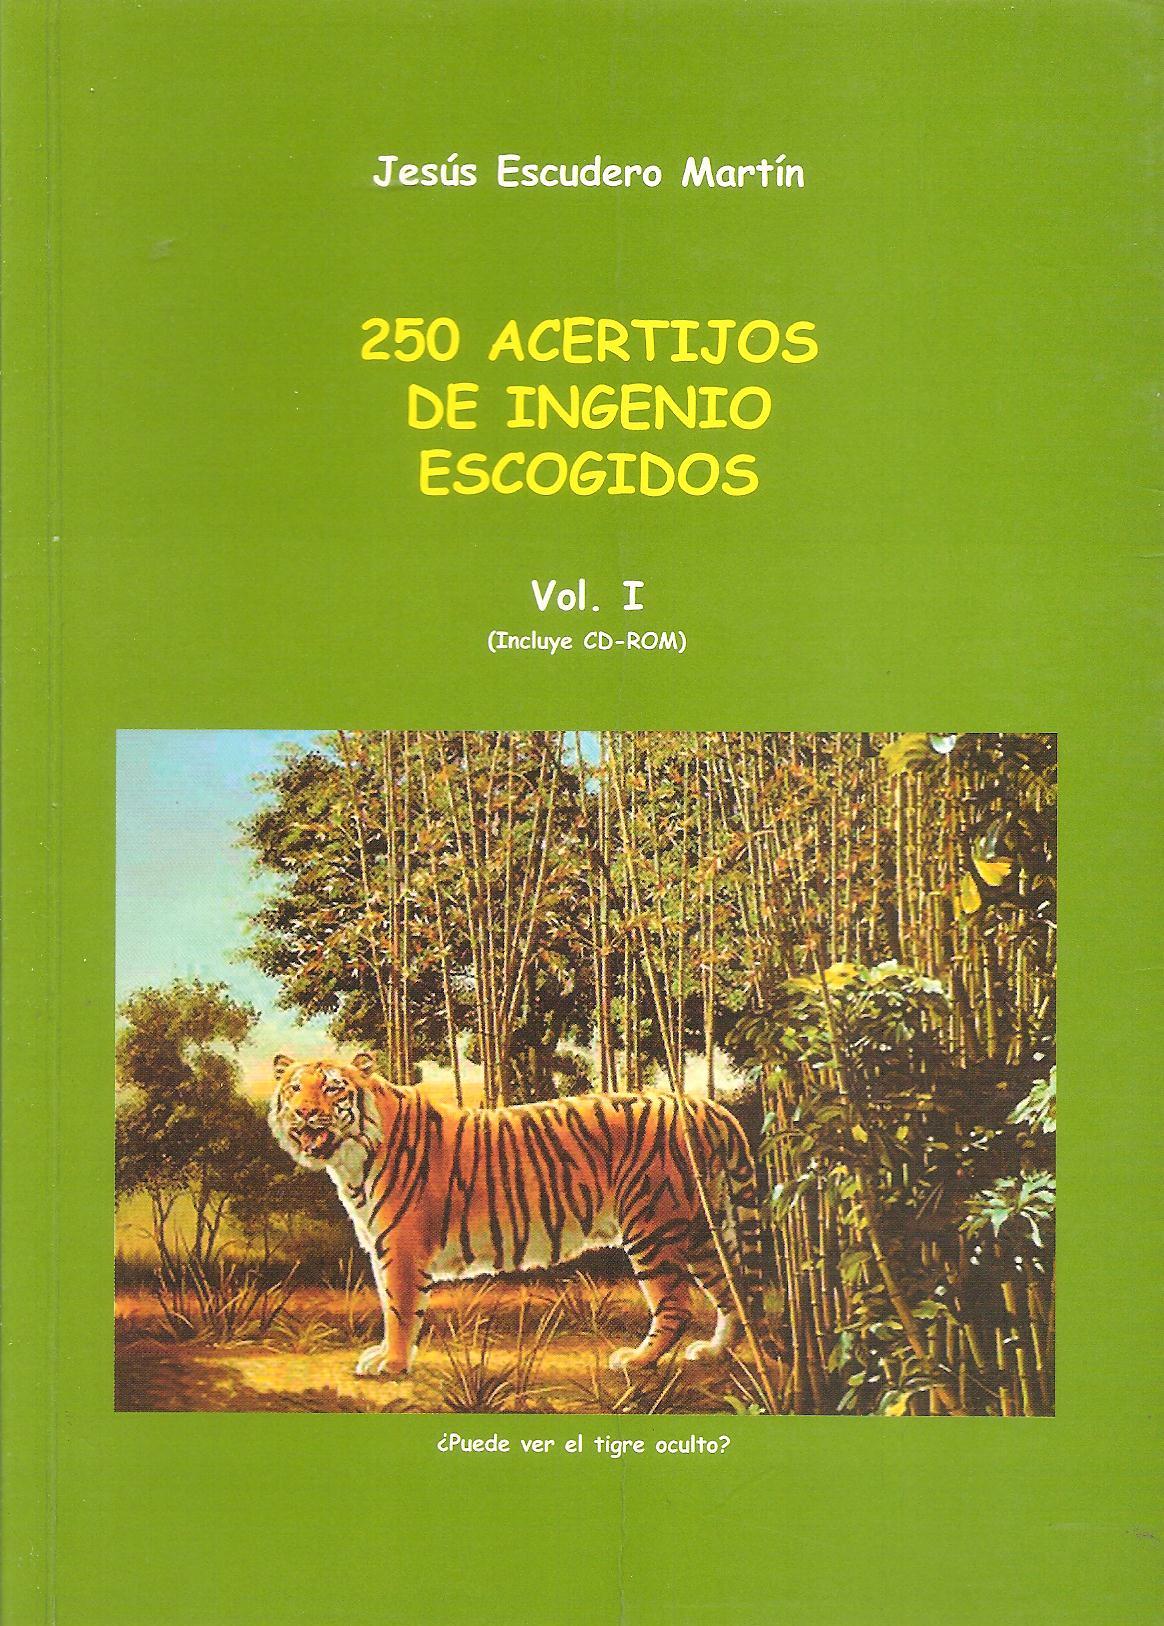 250 acertijos de ingenio escogidos, Vol.1